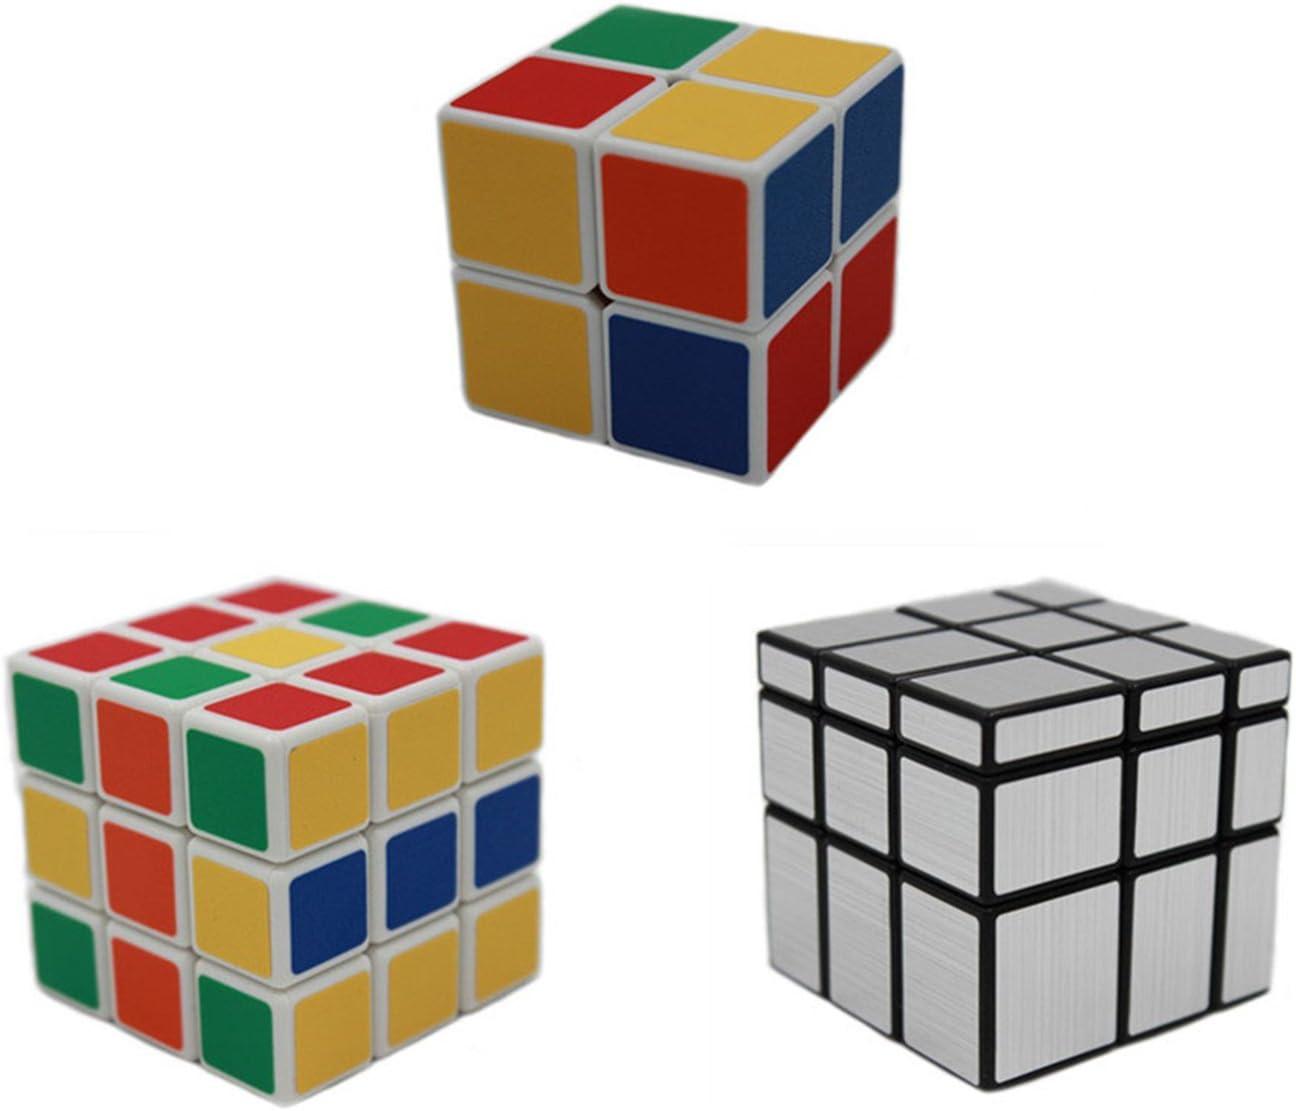 MEISHINE® 3 Pack Mágico Cubo 2x2x2 3x3x3 Cubo Mágico, Mirror Cube Cubo Mágico Inteligencia Mágico Cubo de la Velocidad Juego de Puzzle Cube Speed Magic Cube (Style 1): Amazon.es: Juguetes y juegos